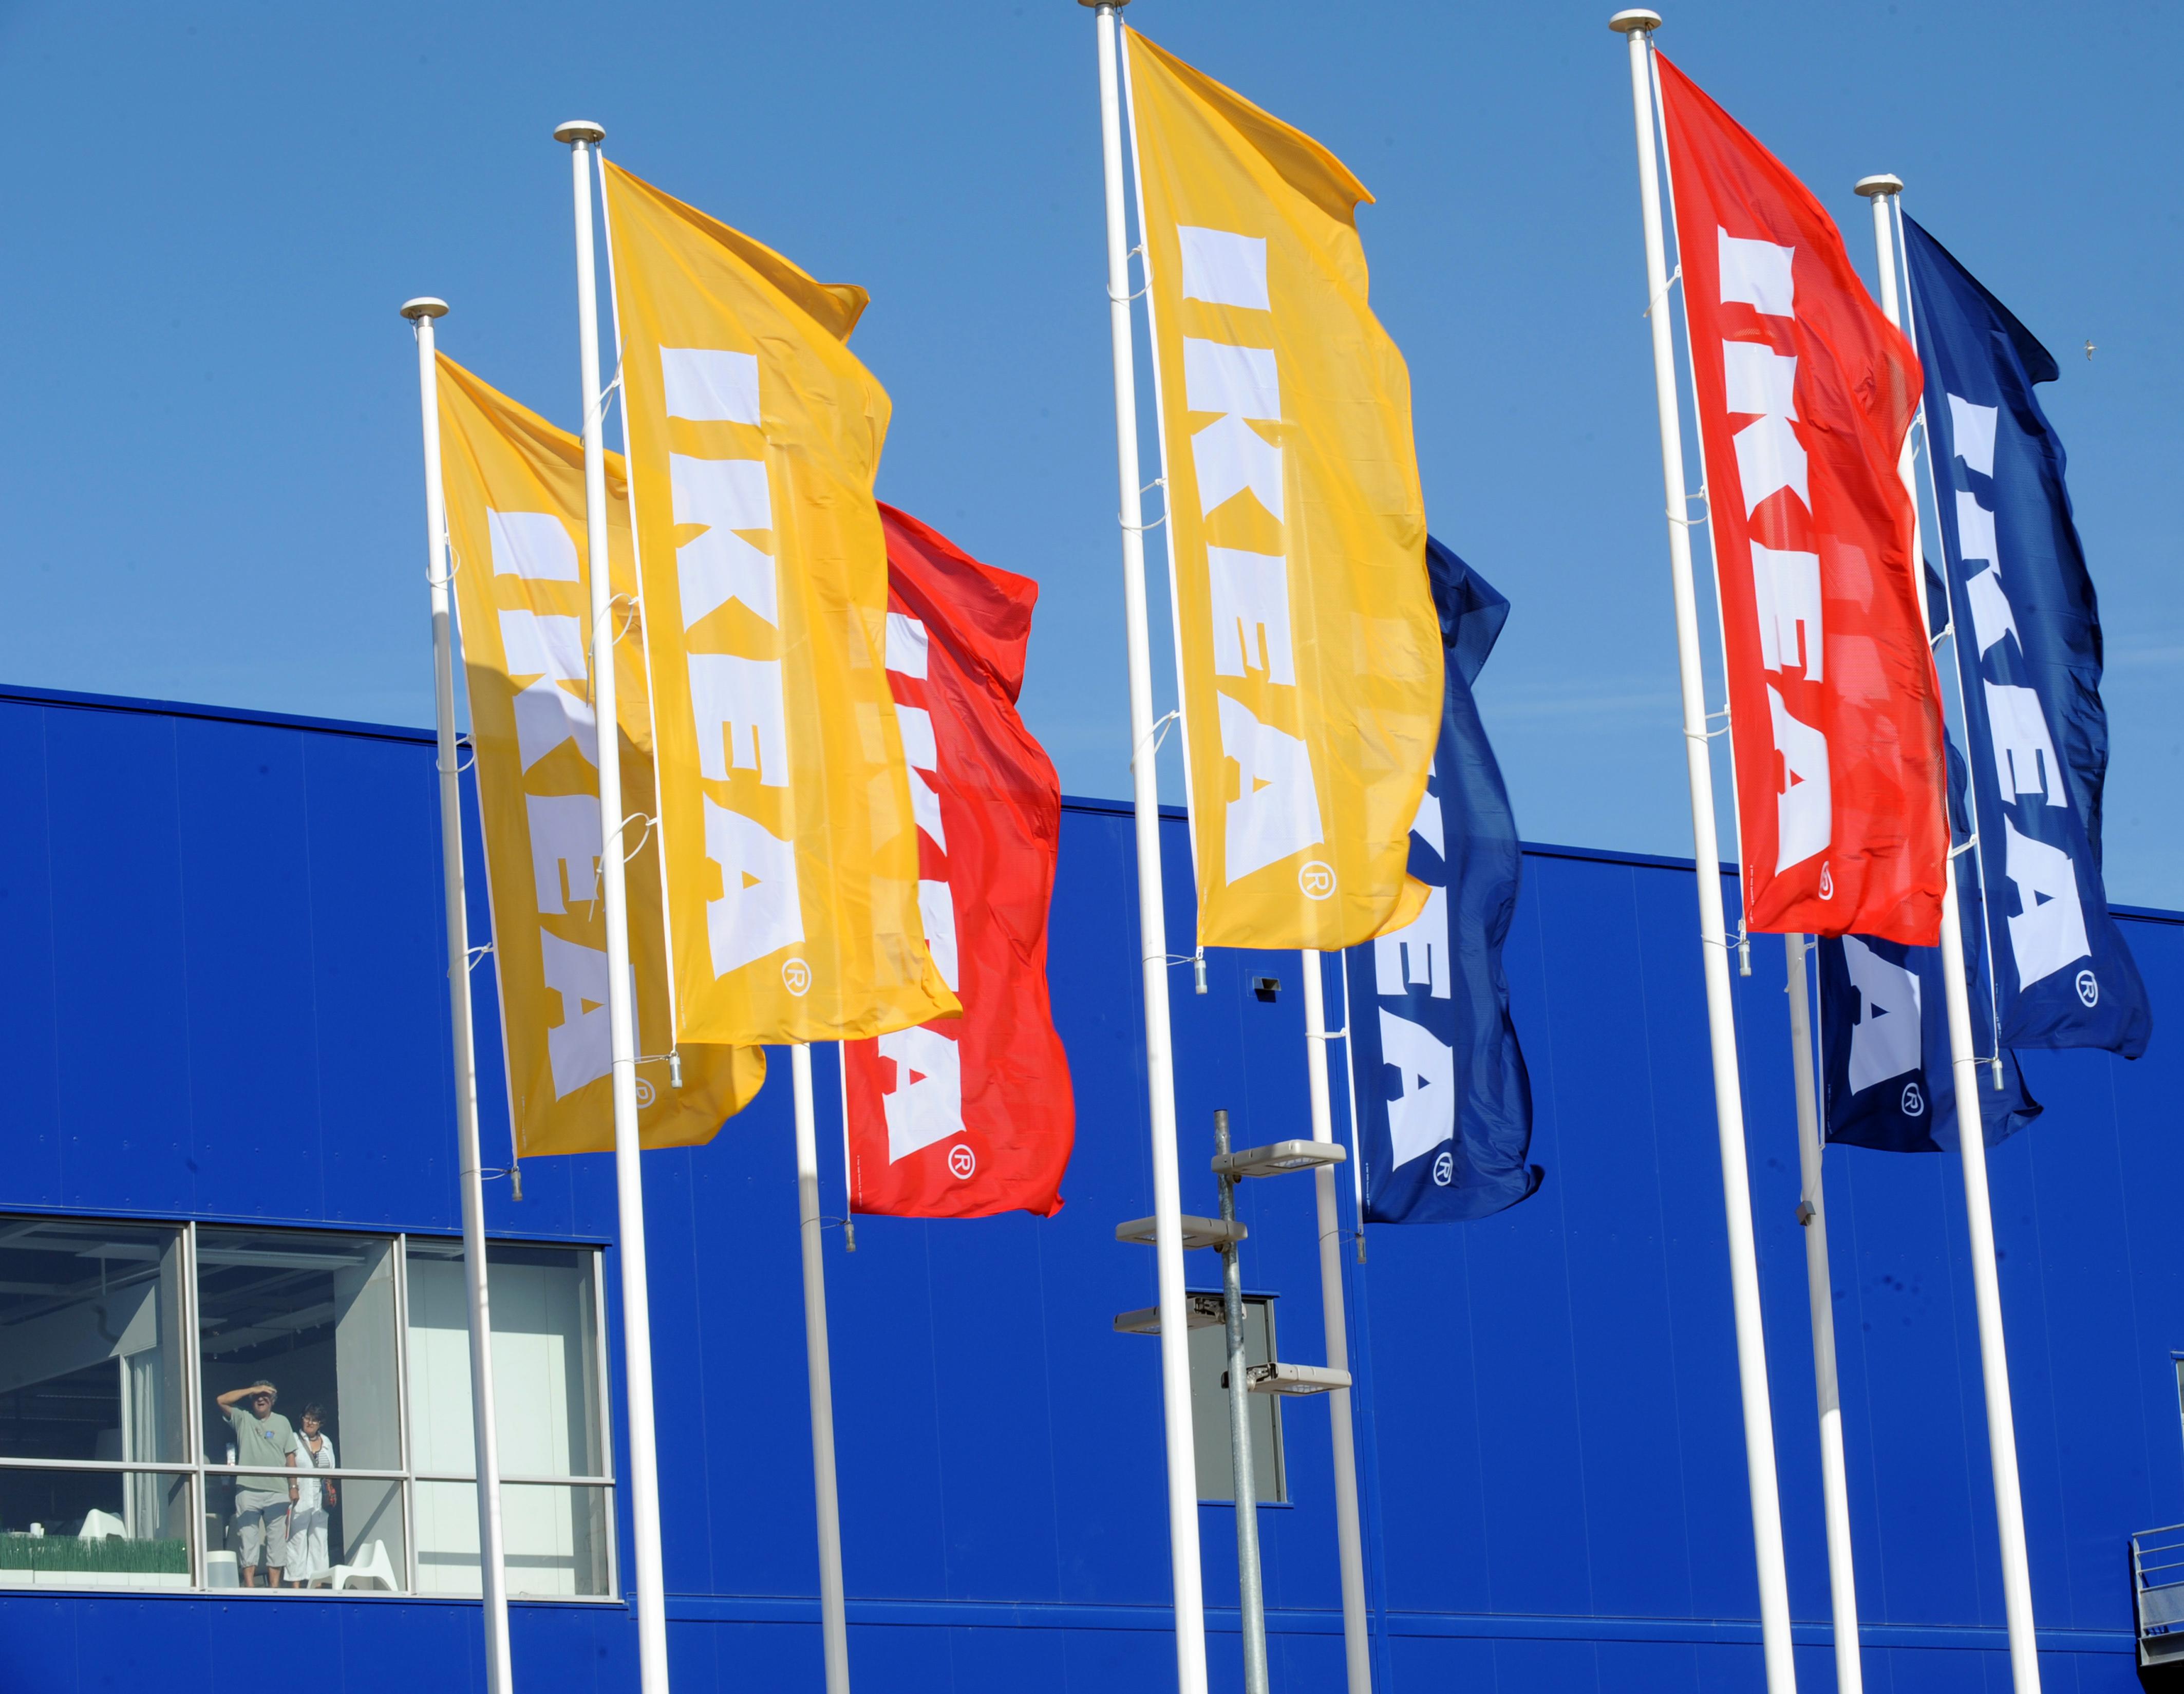 Hûtõket hív vissza az IKEA